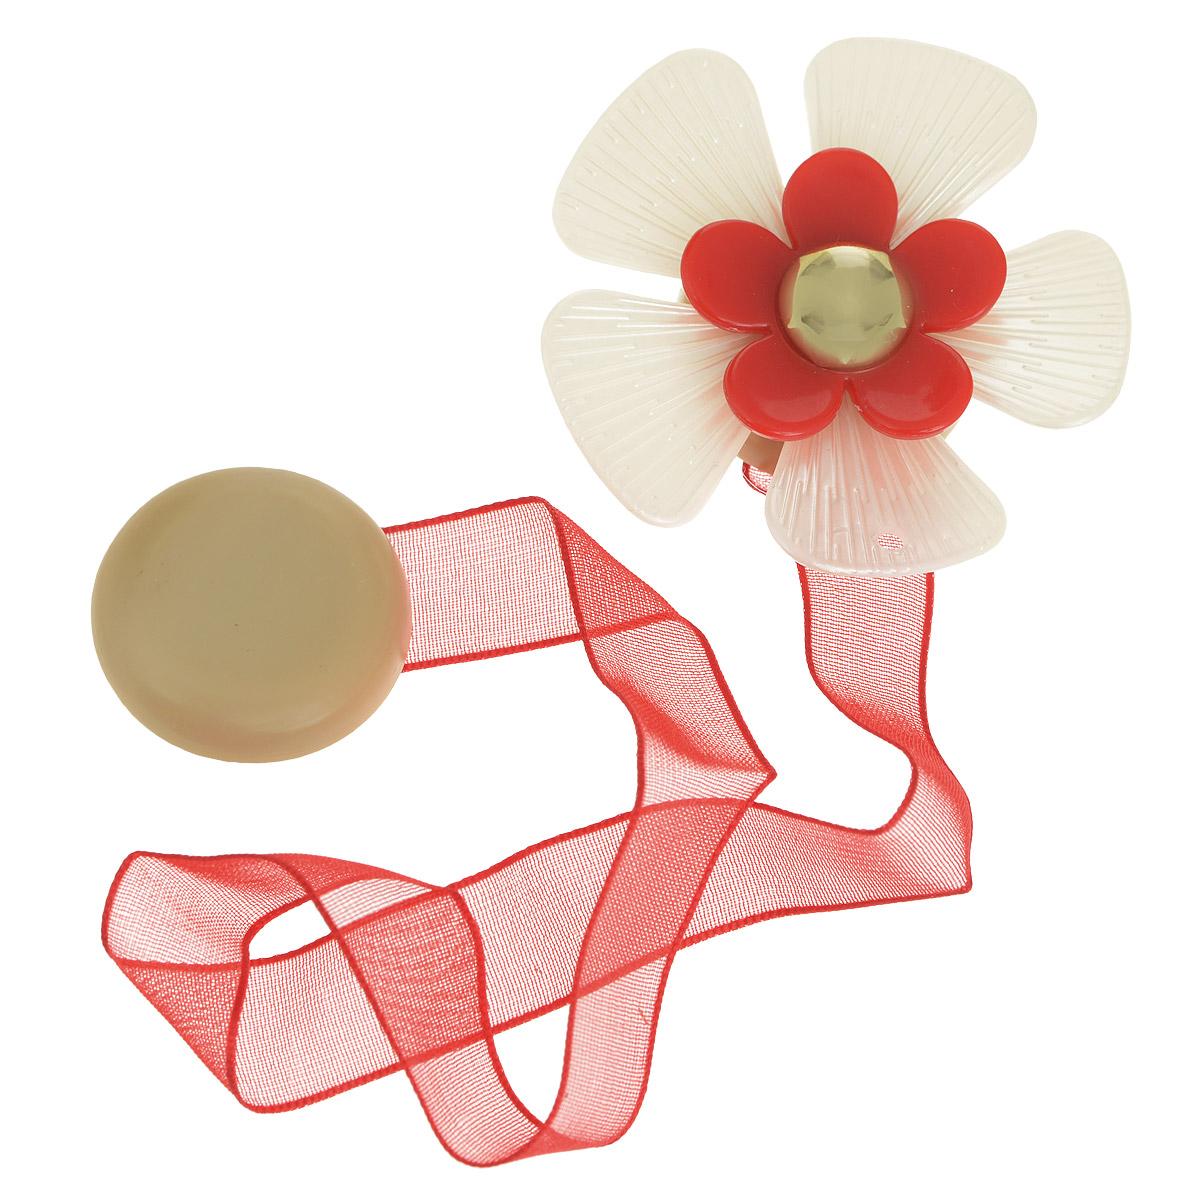 Клипса-магнит для штор Calamita Fiore, цвет:бежевый, красный. 7704017_572DAVC150Клипса-магнит Calamita Fiore, изготовленная из пластика и текстиля, предназначена для придания формы шторам. Изделие представляет собой два магнита, расположенные на разных концах текстильной ленты. Один из магнитов оформлен декоративным цветком. С помощью такой магнитной клипсы можно зафиксировать портьеры, придать им требуемое положение, сделать складки симметричными или приблизить портьеры, скрепить их. Клипсы для штор являются универсальным изделием, которое превосходно подойдет как для штор в детской комнате, так и для штор в гостиной. Следует отметить, что клипсы для штор выполняют не только практическую функцию, но также являются одной из основных деталей декора этого изделия, которая придает шторам восхитительный, стильный внешний вид. Материал: пластик, полиэстер, магнит.Диаметр декоративного цветка: 5 см.Диаметр магнита: 2,5 см.Длина ленты: 28 см.